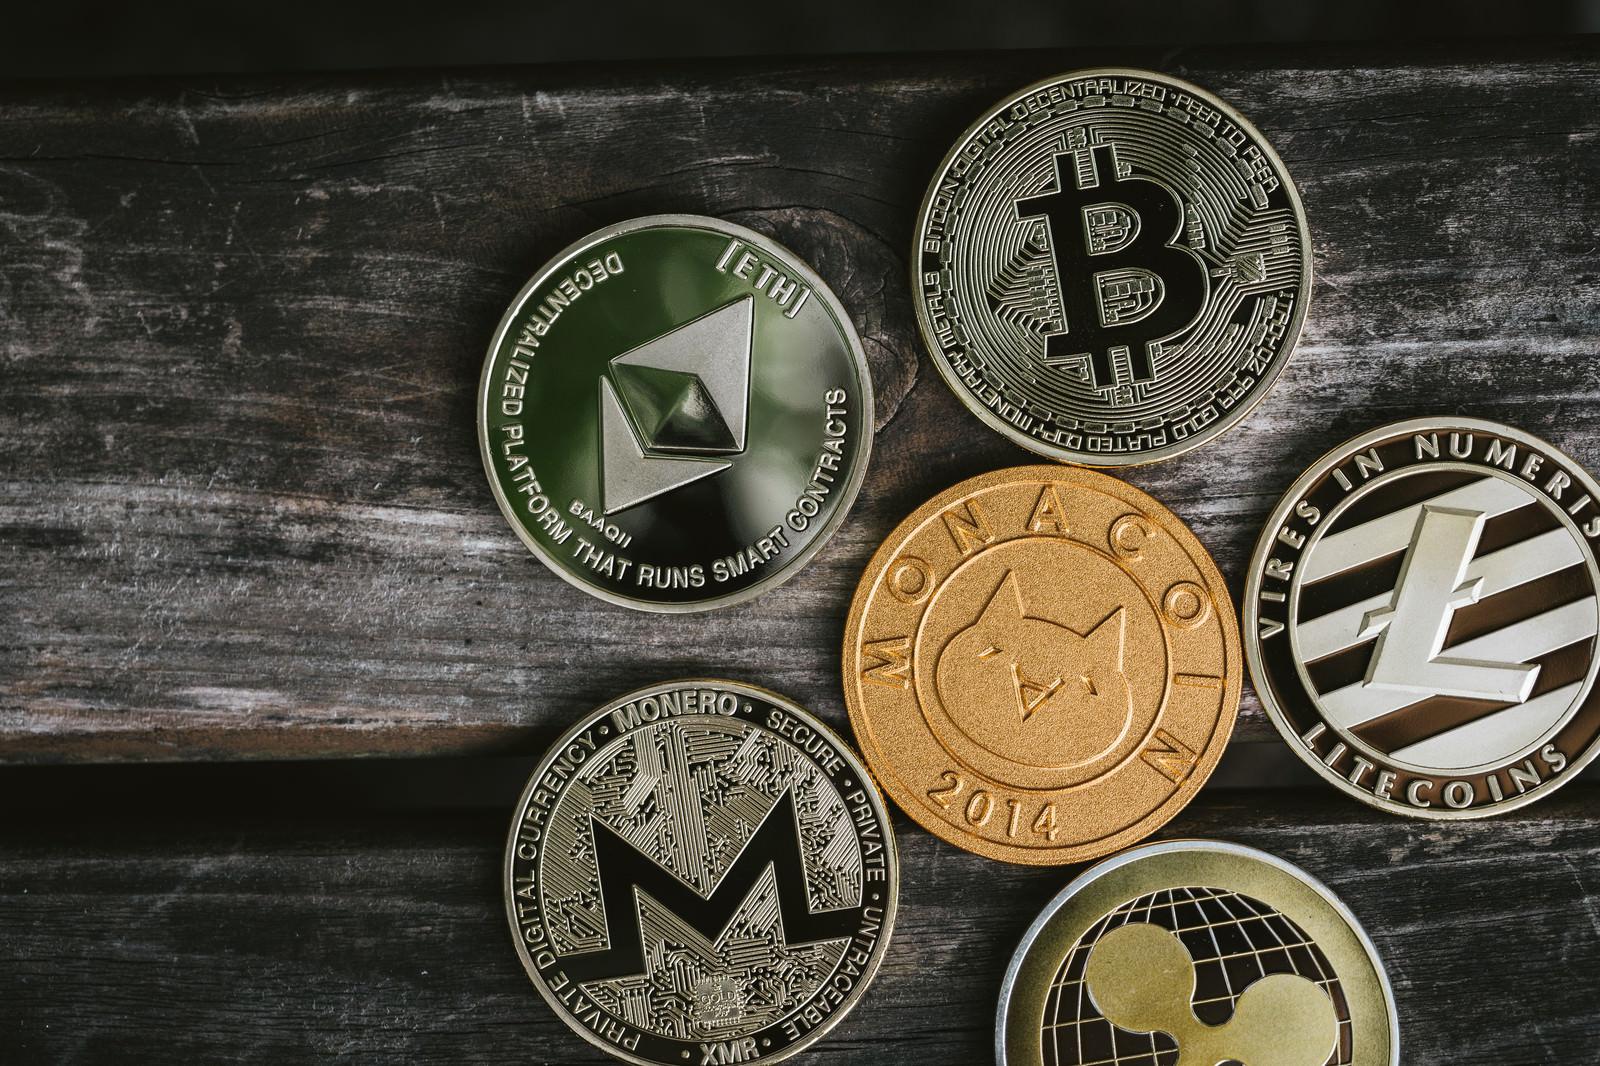 「アルトコインの中で注目されるモナコイン」の写真